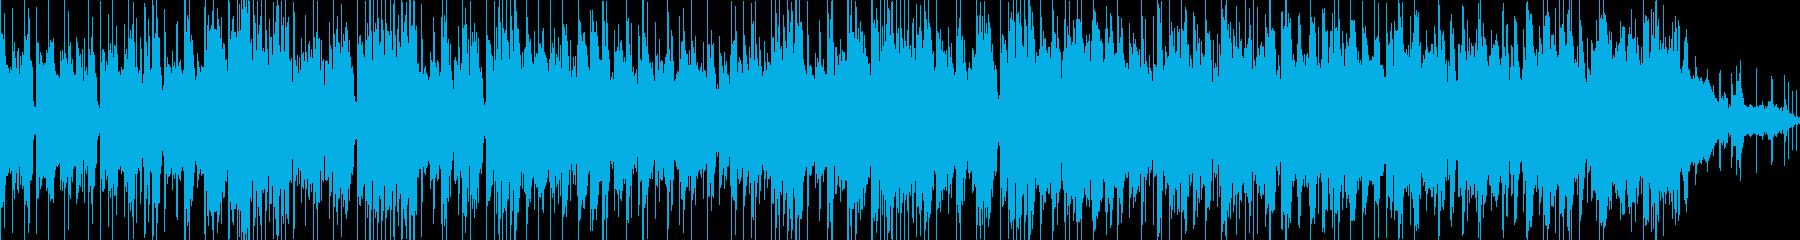 格好いいベースとキック、ピアノのジングルの再生済みの波形